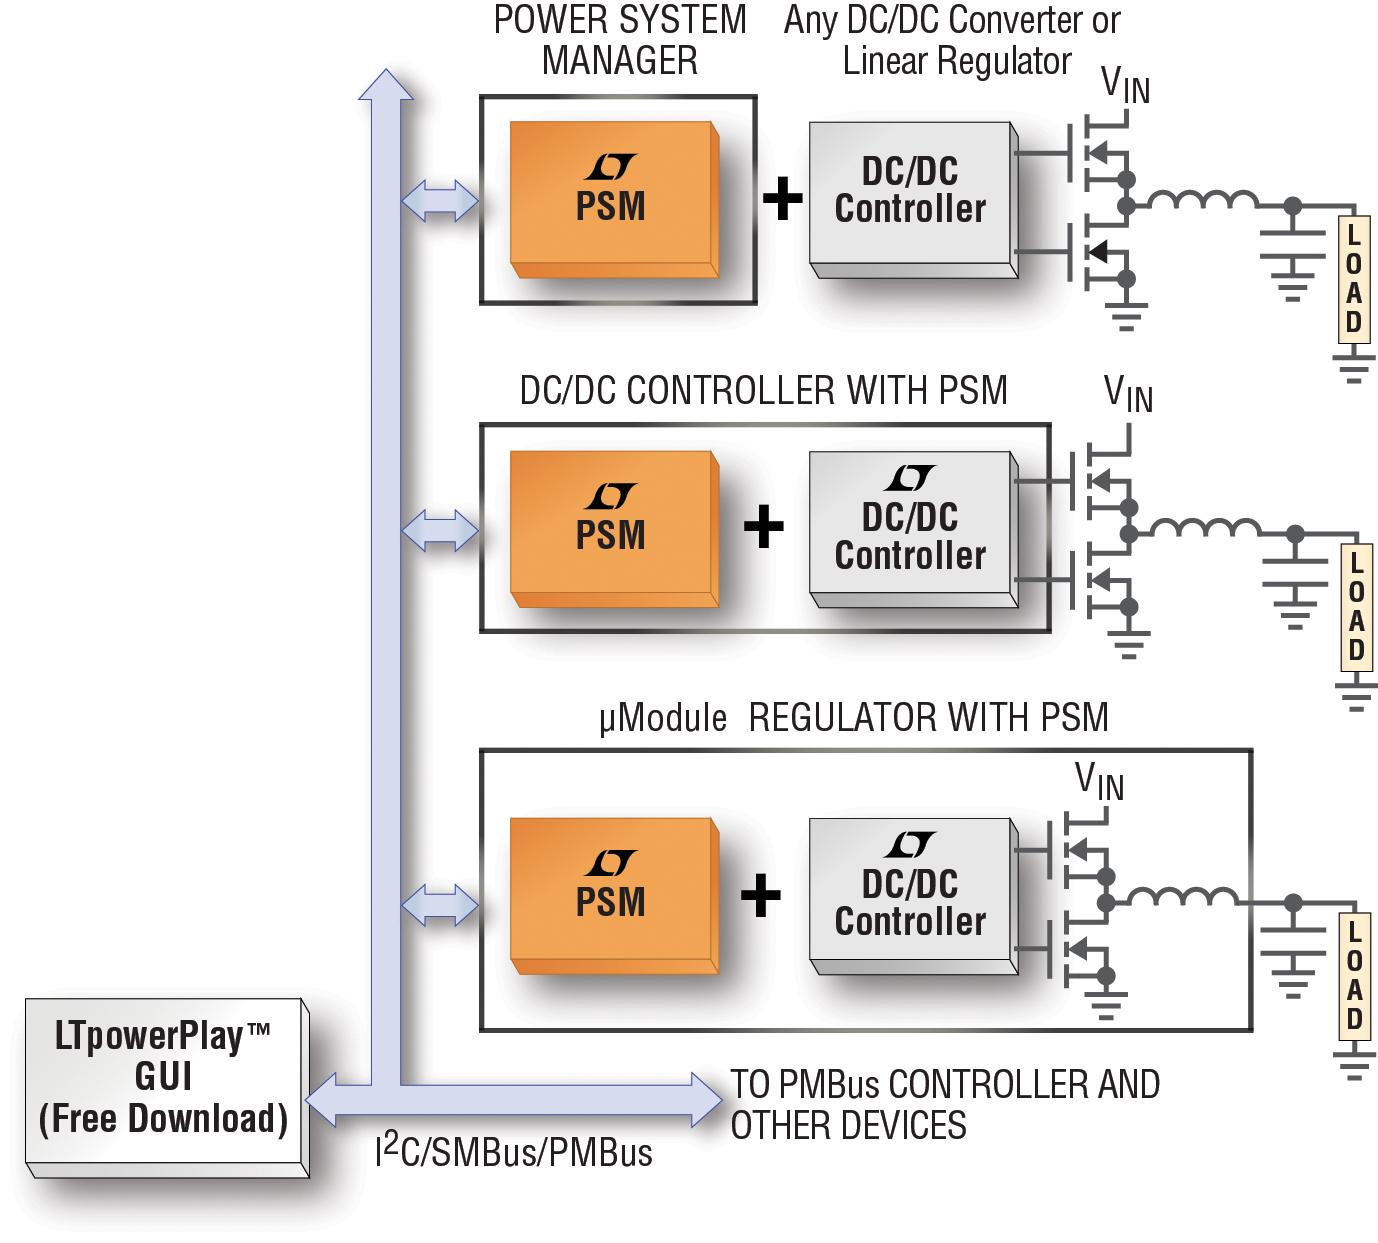 Figura 1. Configurazione tipica di un sistema di gestione digitale di sistemi di alimentazione